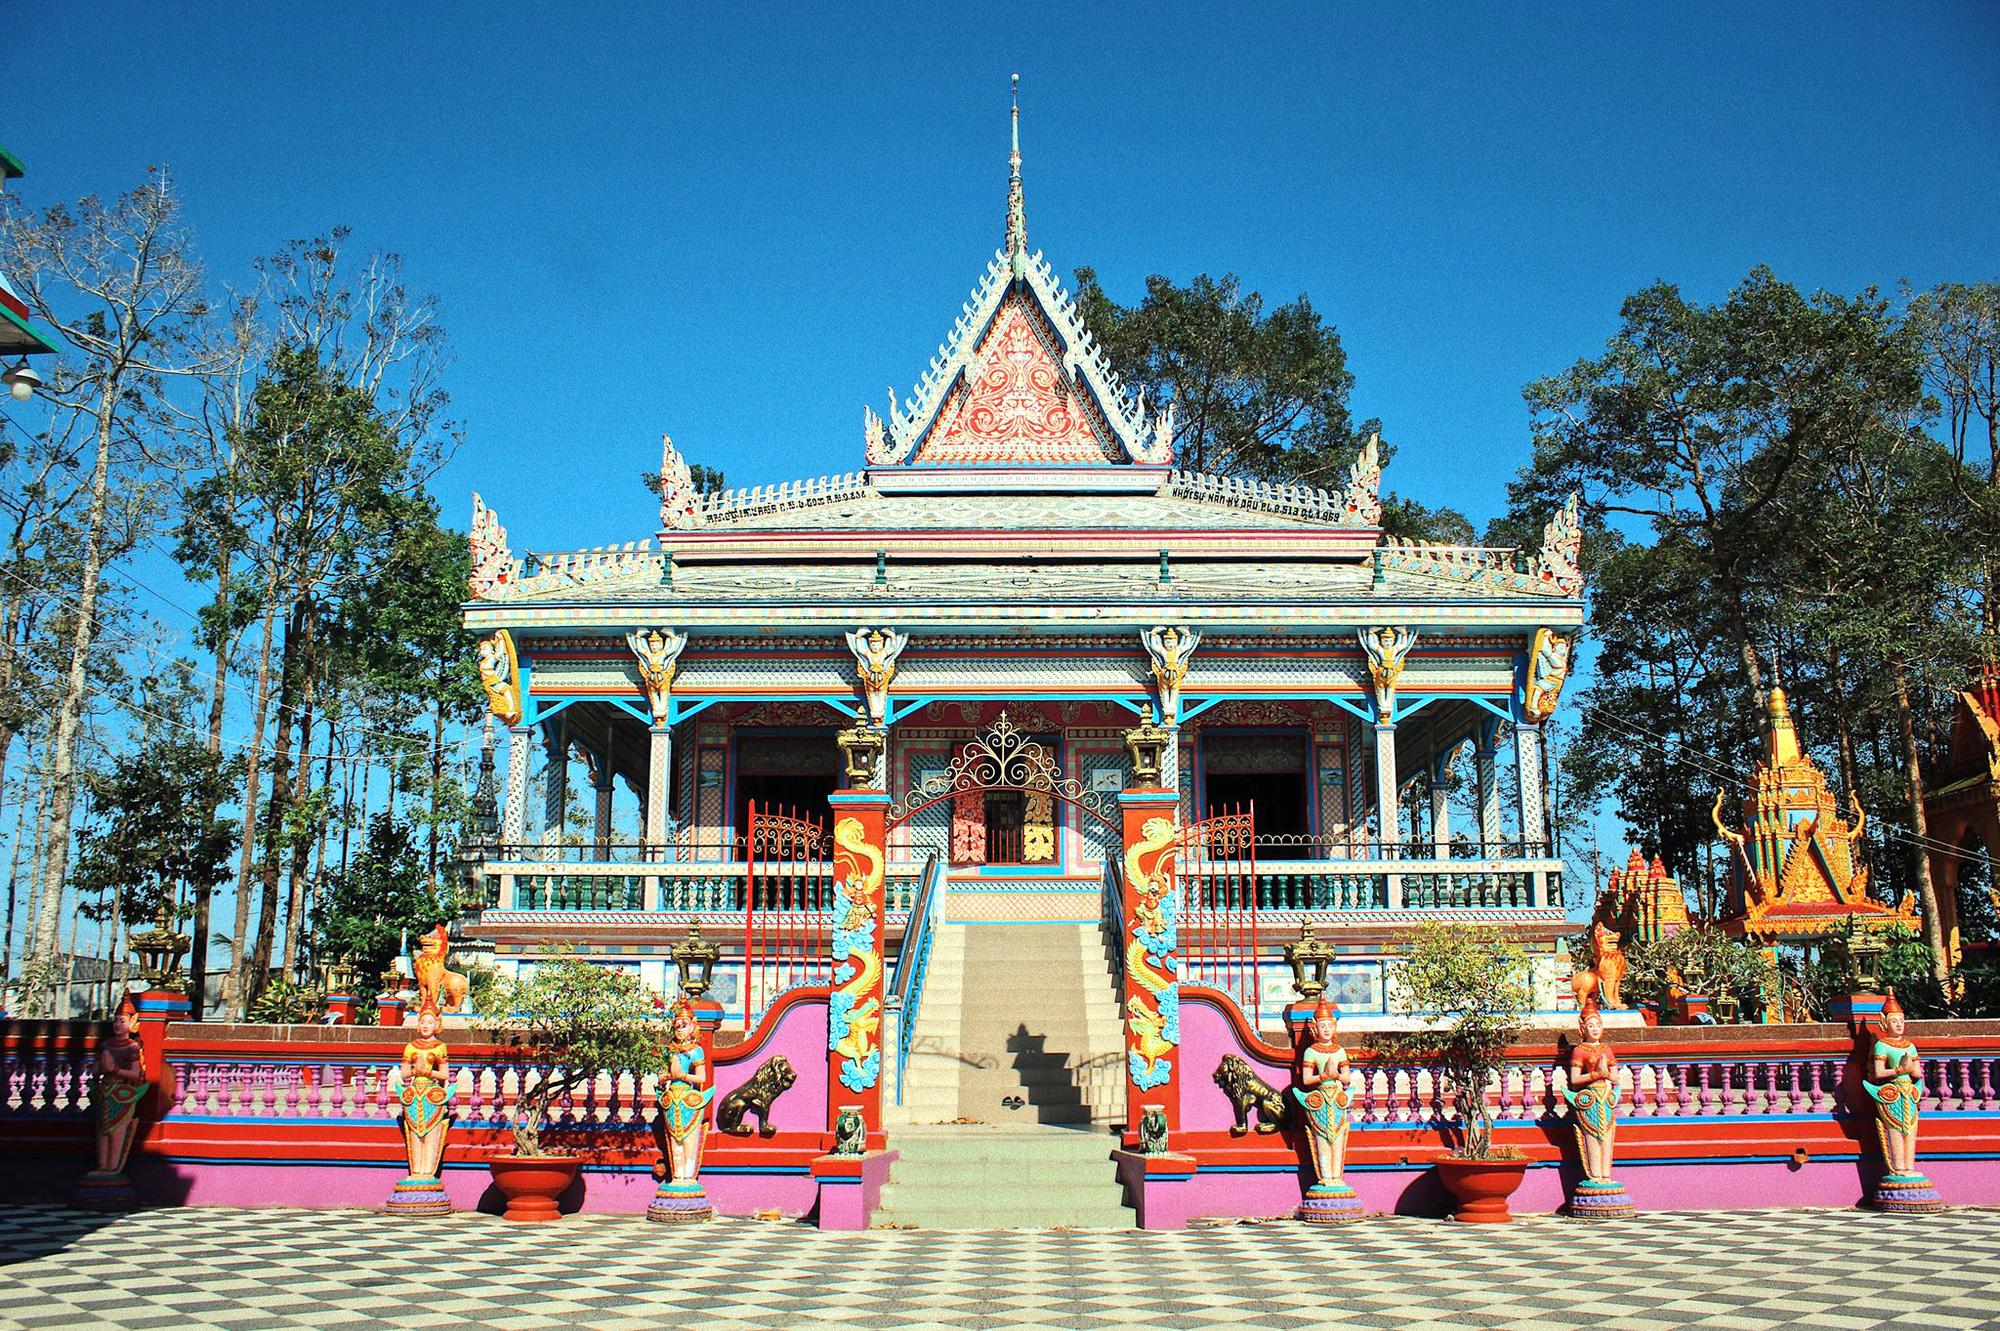 Ngôi chùa Chén Kiểu với màu sắc sặc sỡ, đẹp mắt. Ảnh: Báo Dân tộc